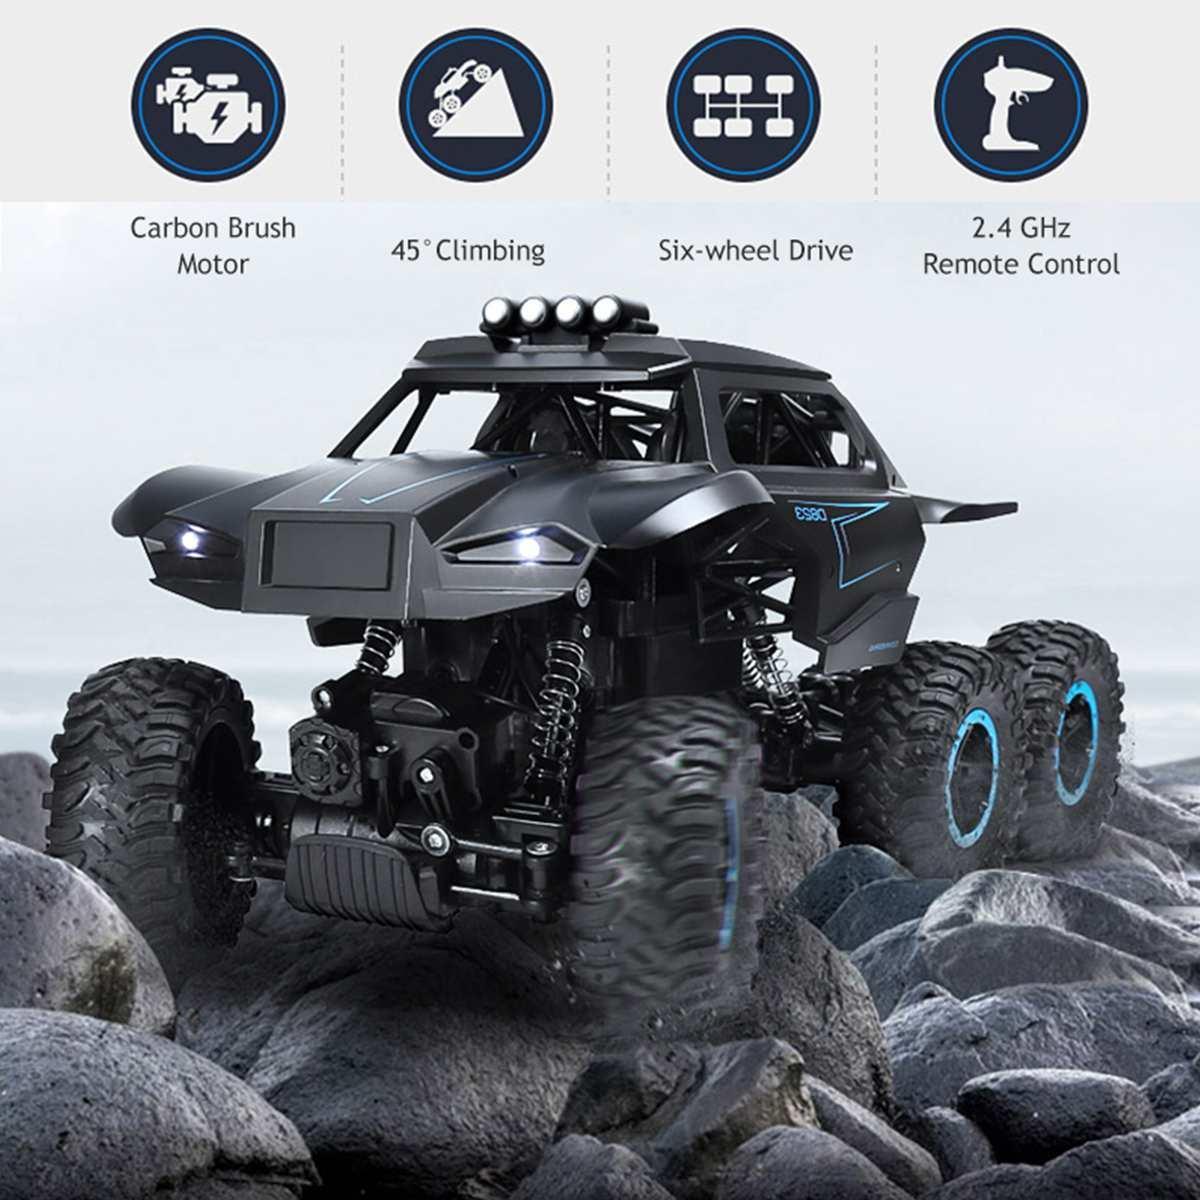 1/12 6WD Coche todoterreno 62 km / h Conductor Escalador con faro de escala 2.4 GHz RC Truck Toy Regalo de Navidad para niños y adultos